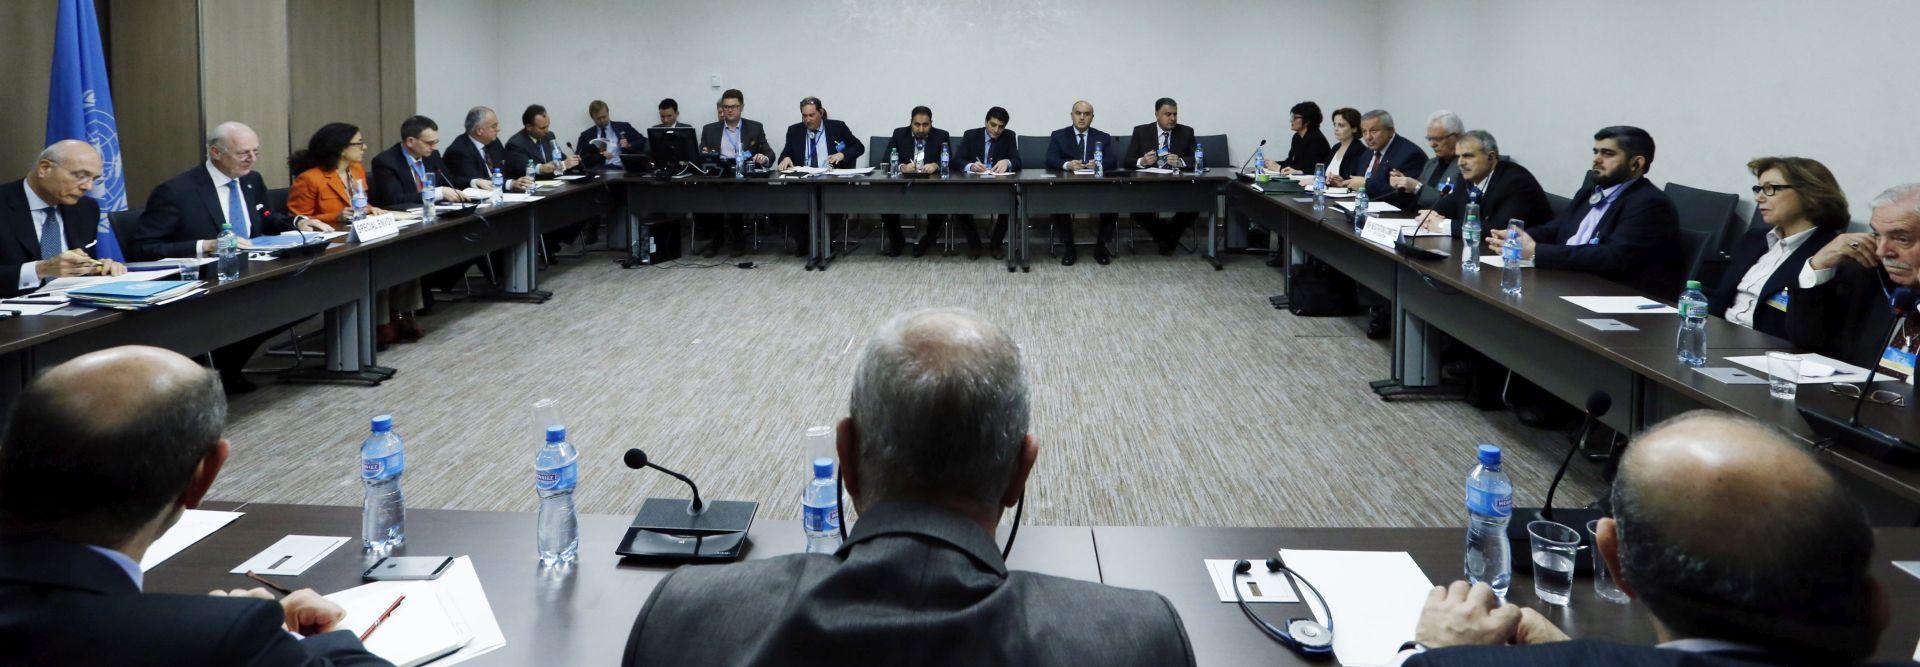 Pregovori o Siriji ulaze u srž problema, Kurdi bliže autonomiji